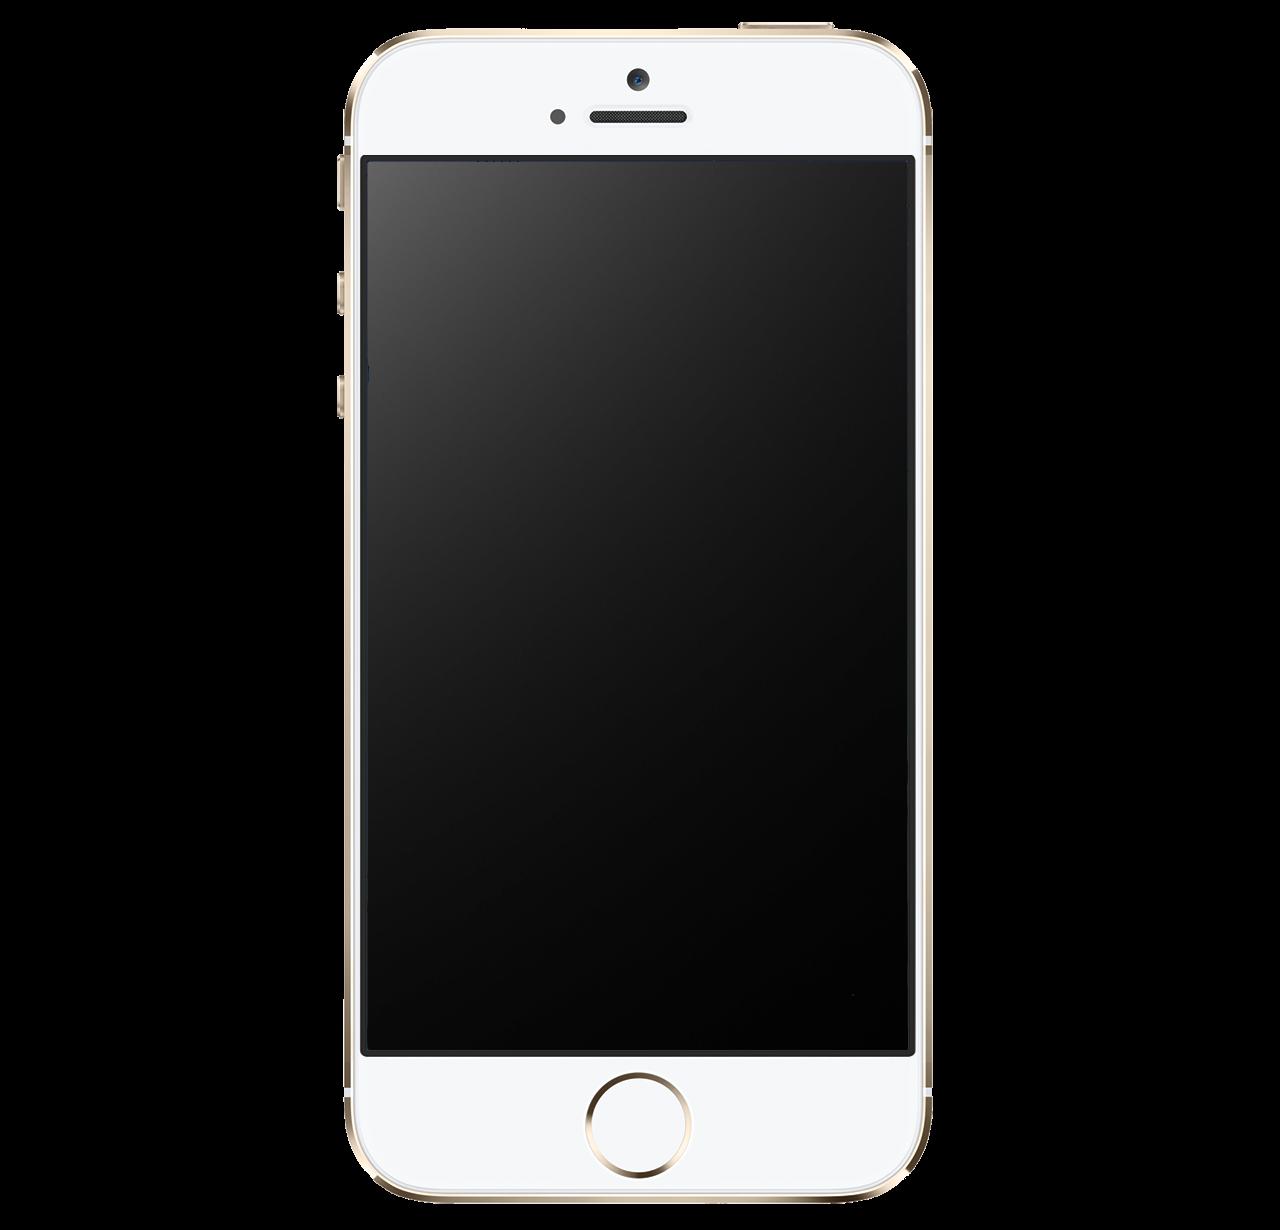 Icon Apple iPhone 6.